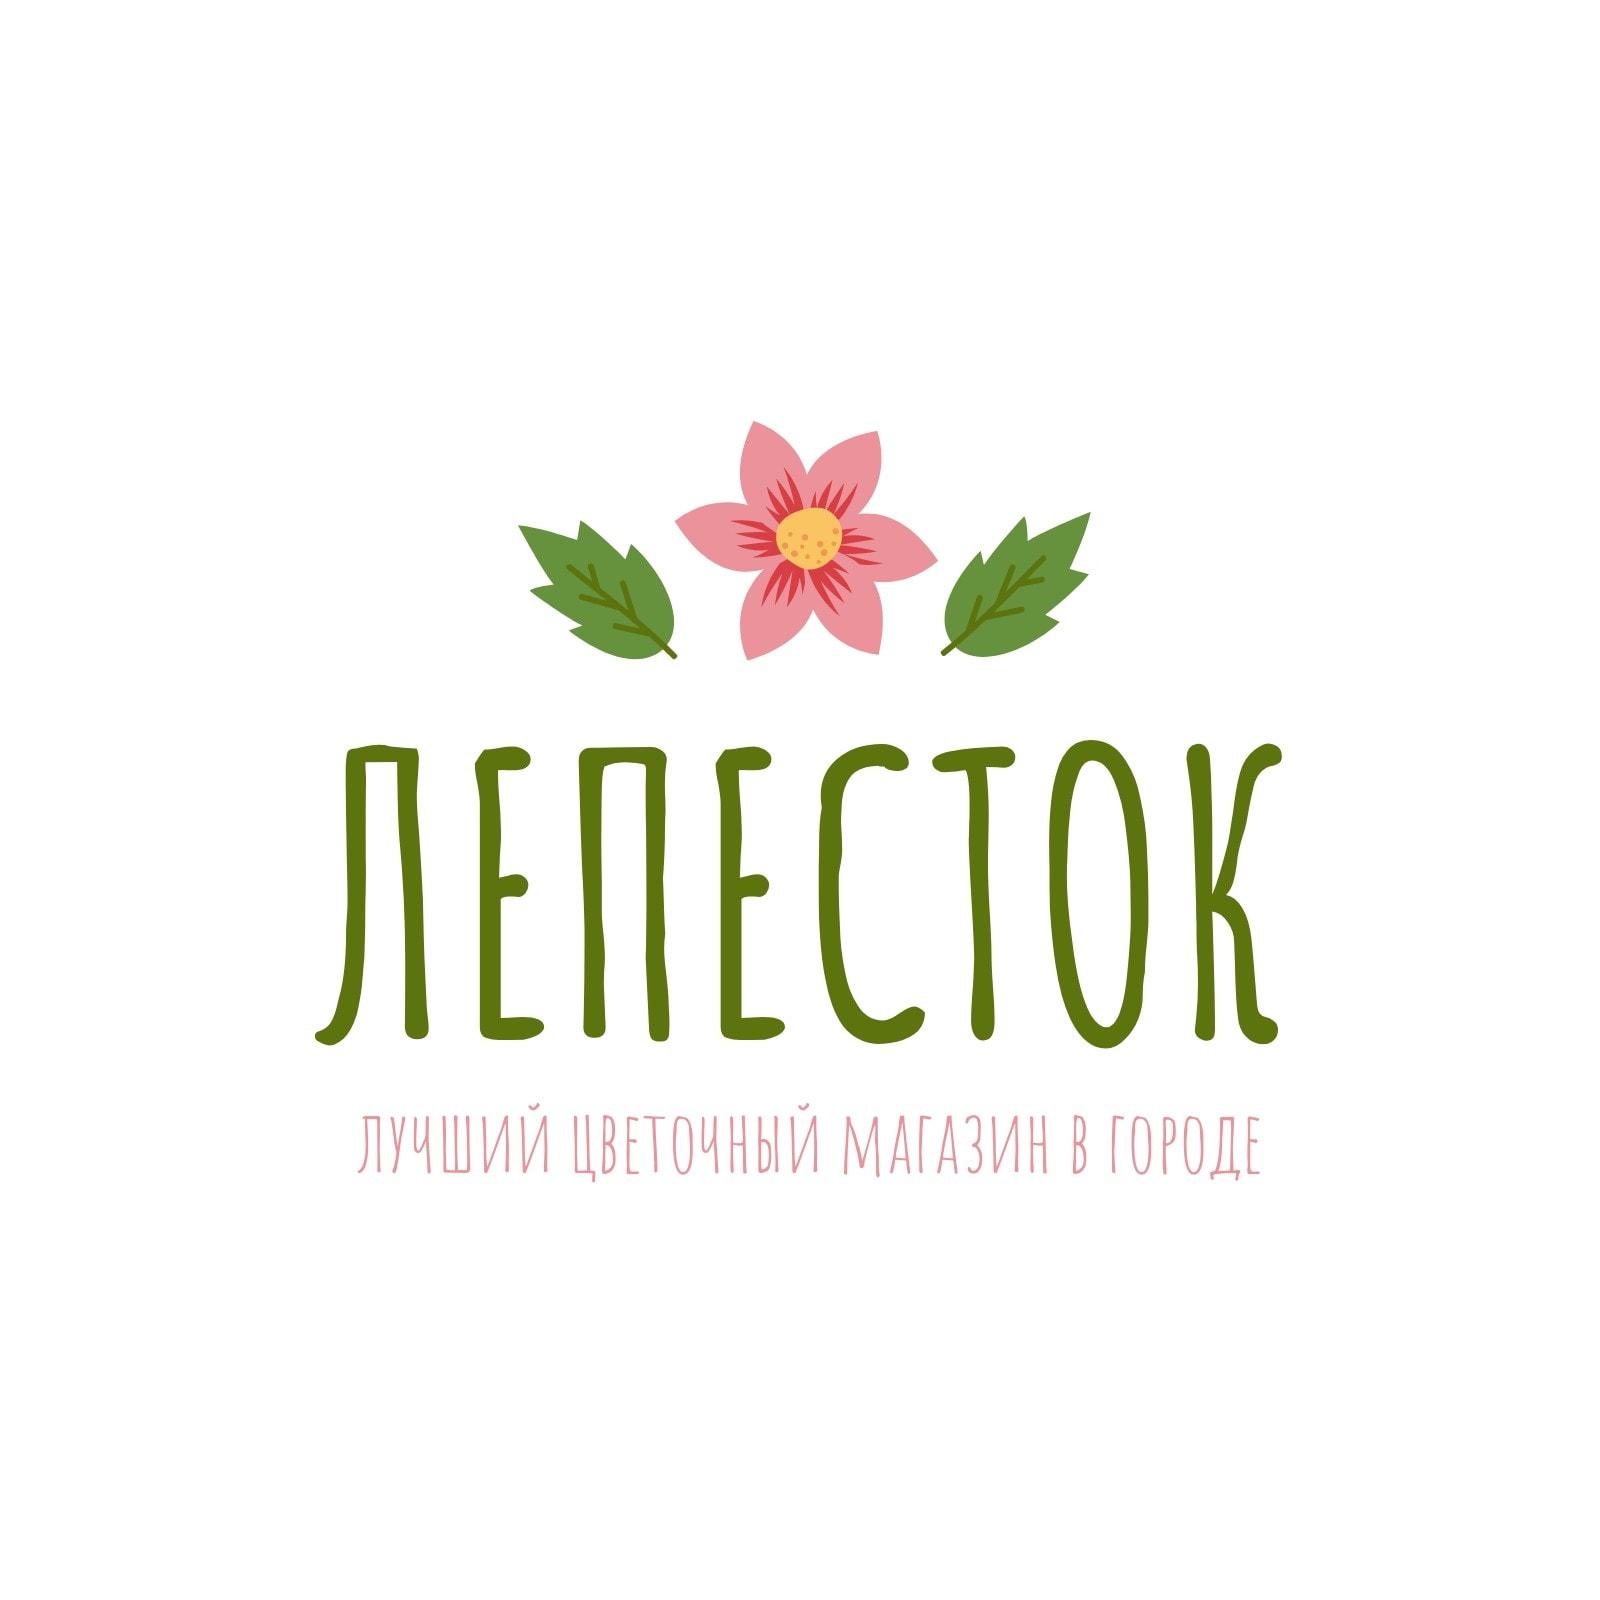 Зеленый и Розовый Цветок Листья Логотип